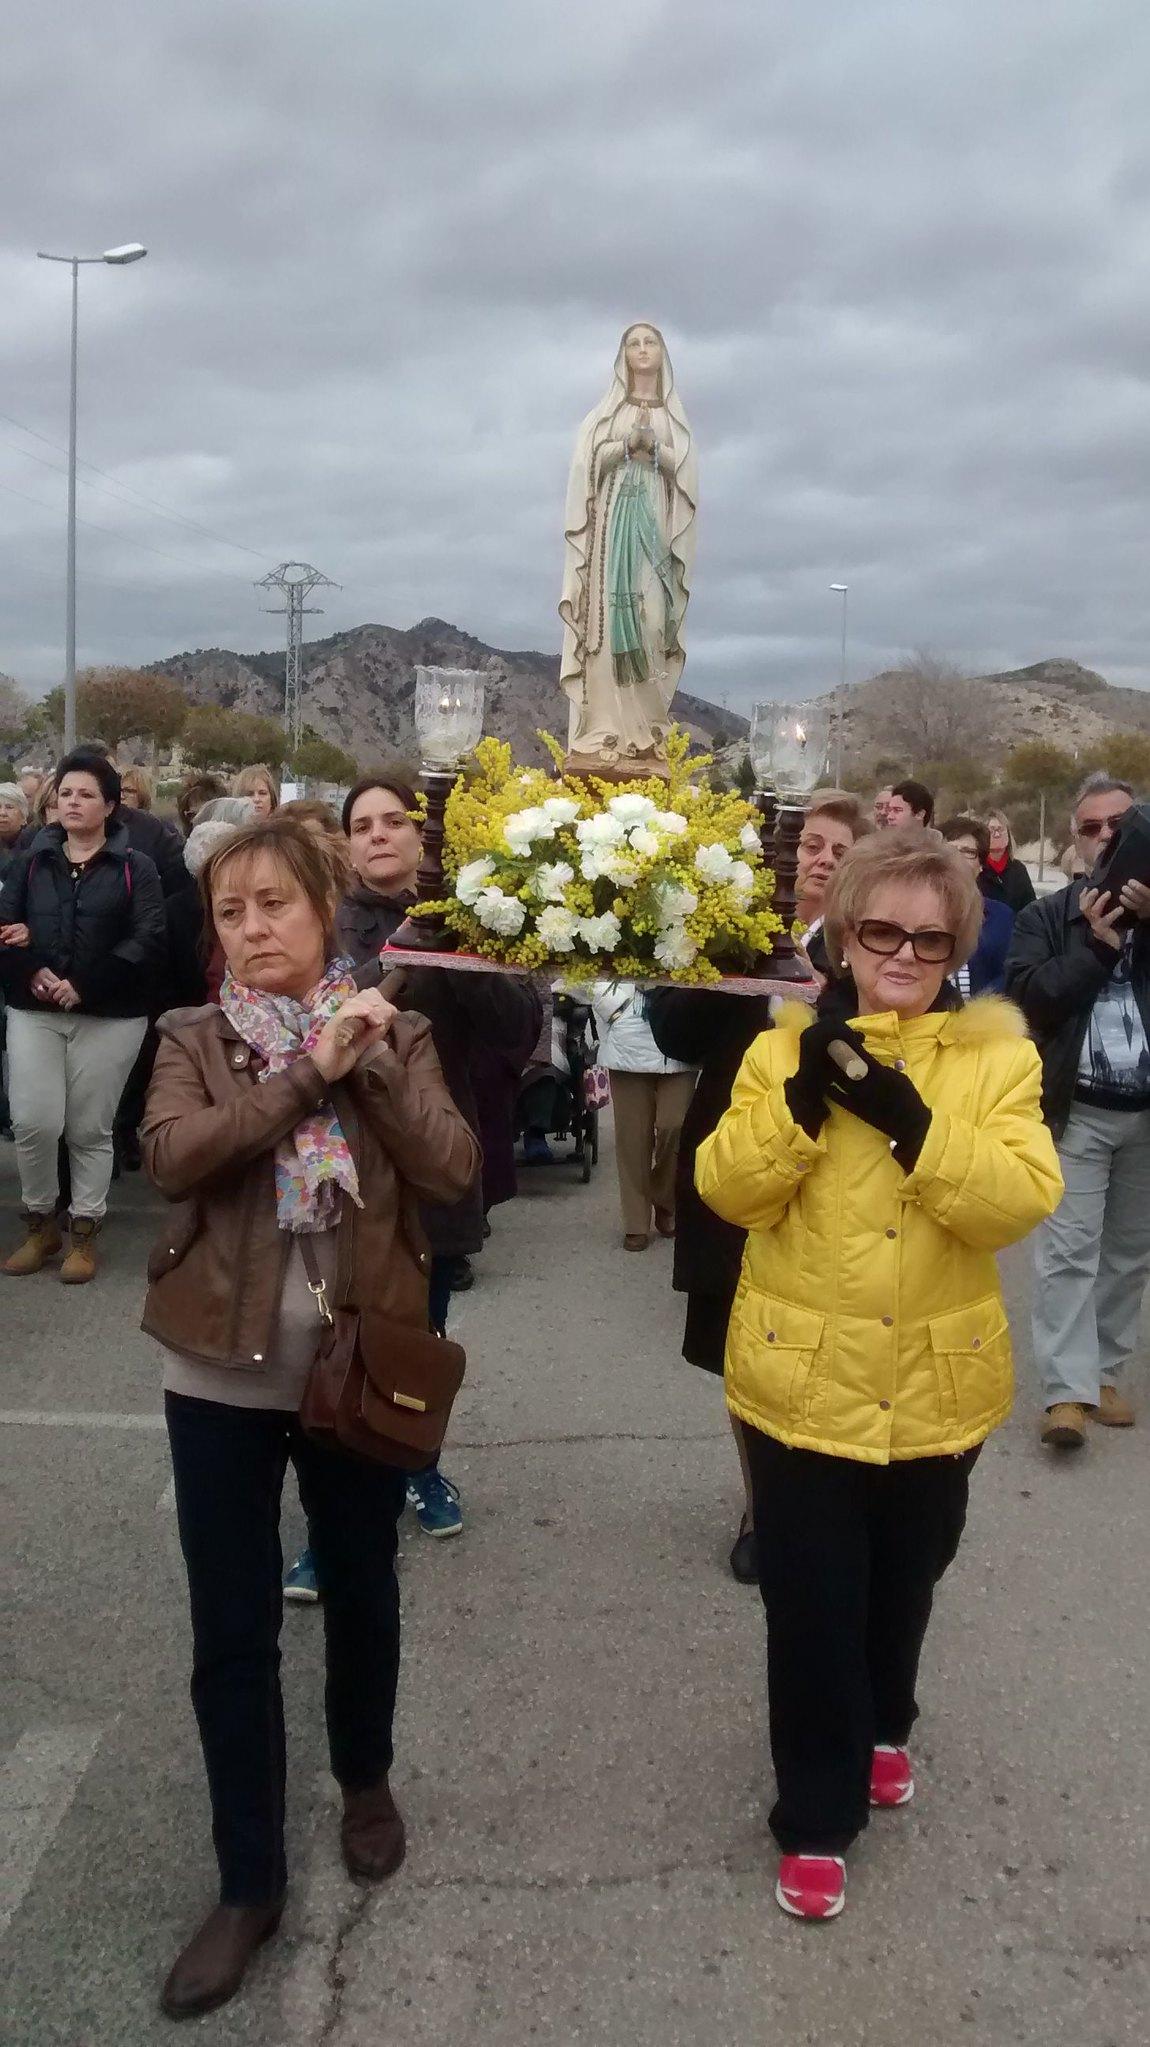 (2016-02-13) - Inauguración Virgen de Lourdes, La Molineta - José Vicente Romero (01)